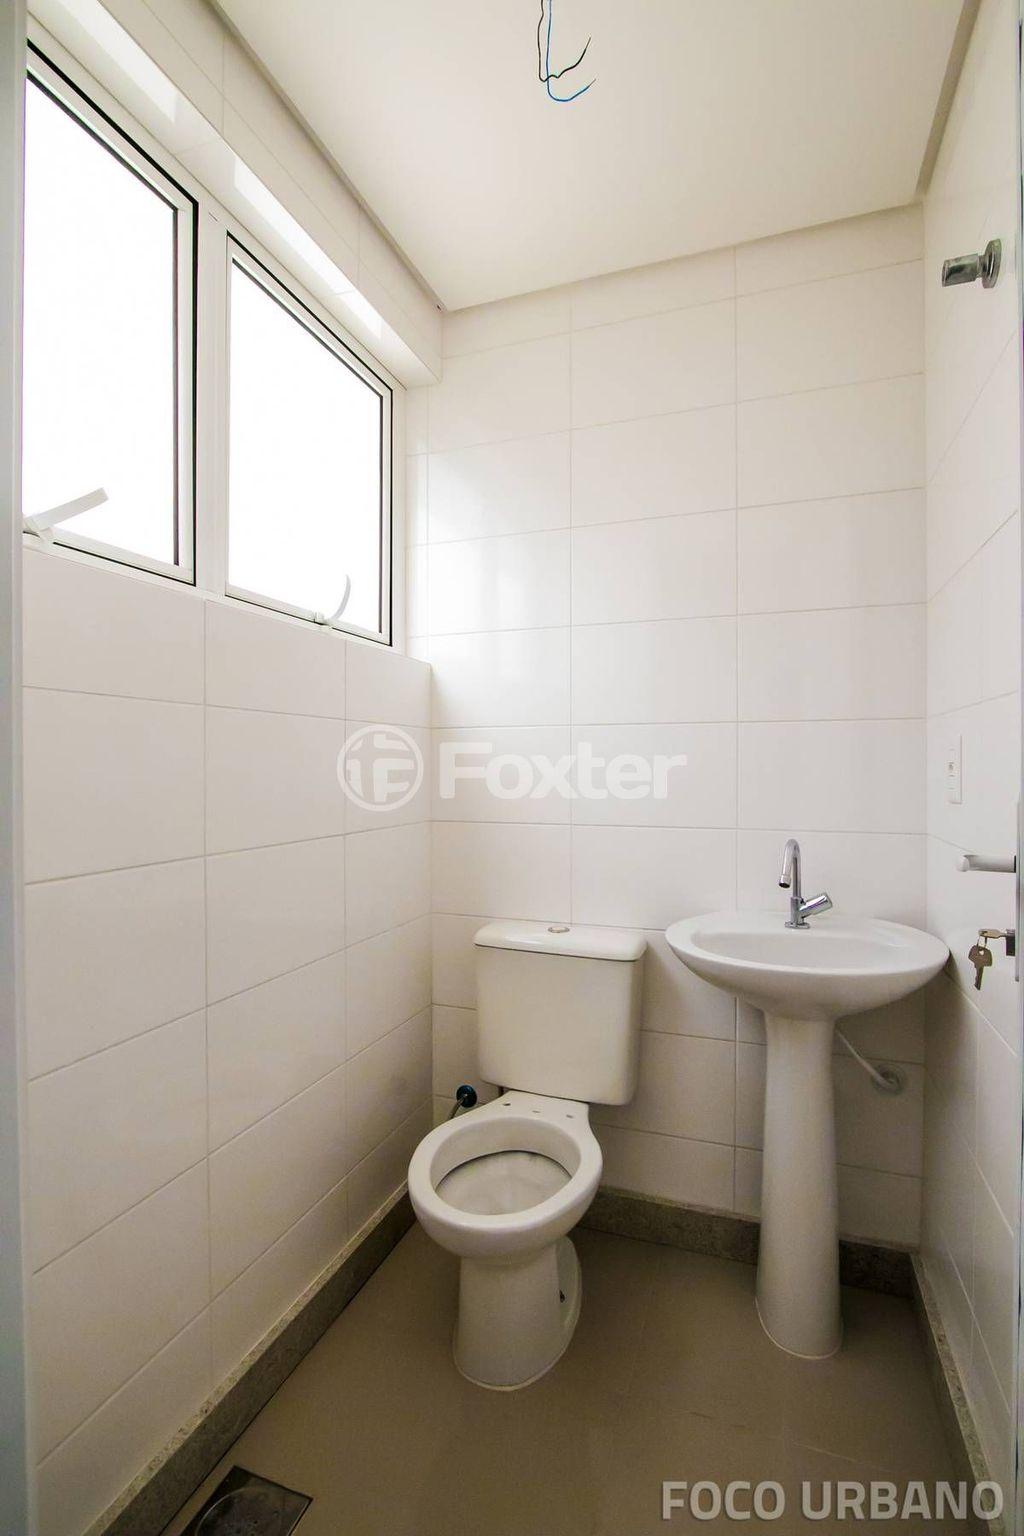 Foxter Imobiliária - Apto 3 Dorm, Bela Vista - Foto 10